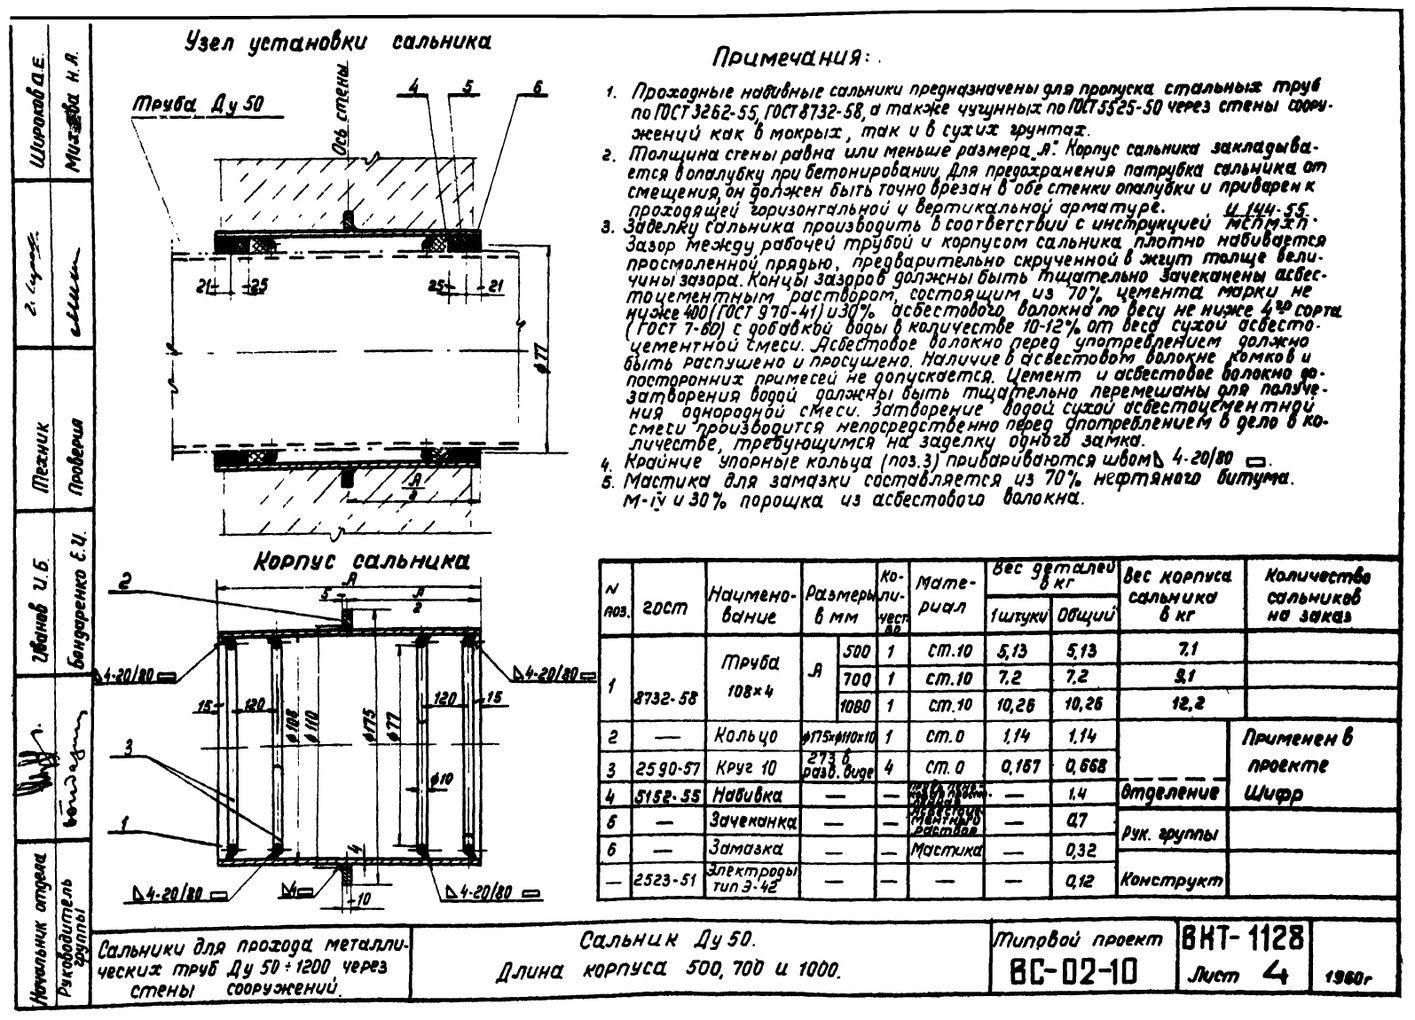 Сальники набивные L = 1000 мм типовой проект ВС-02-10 стр.1